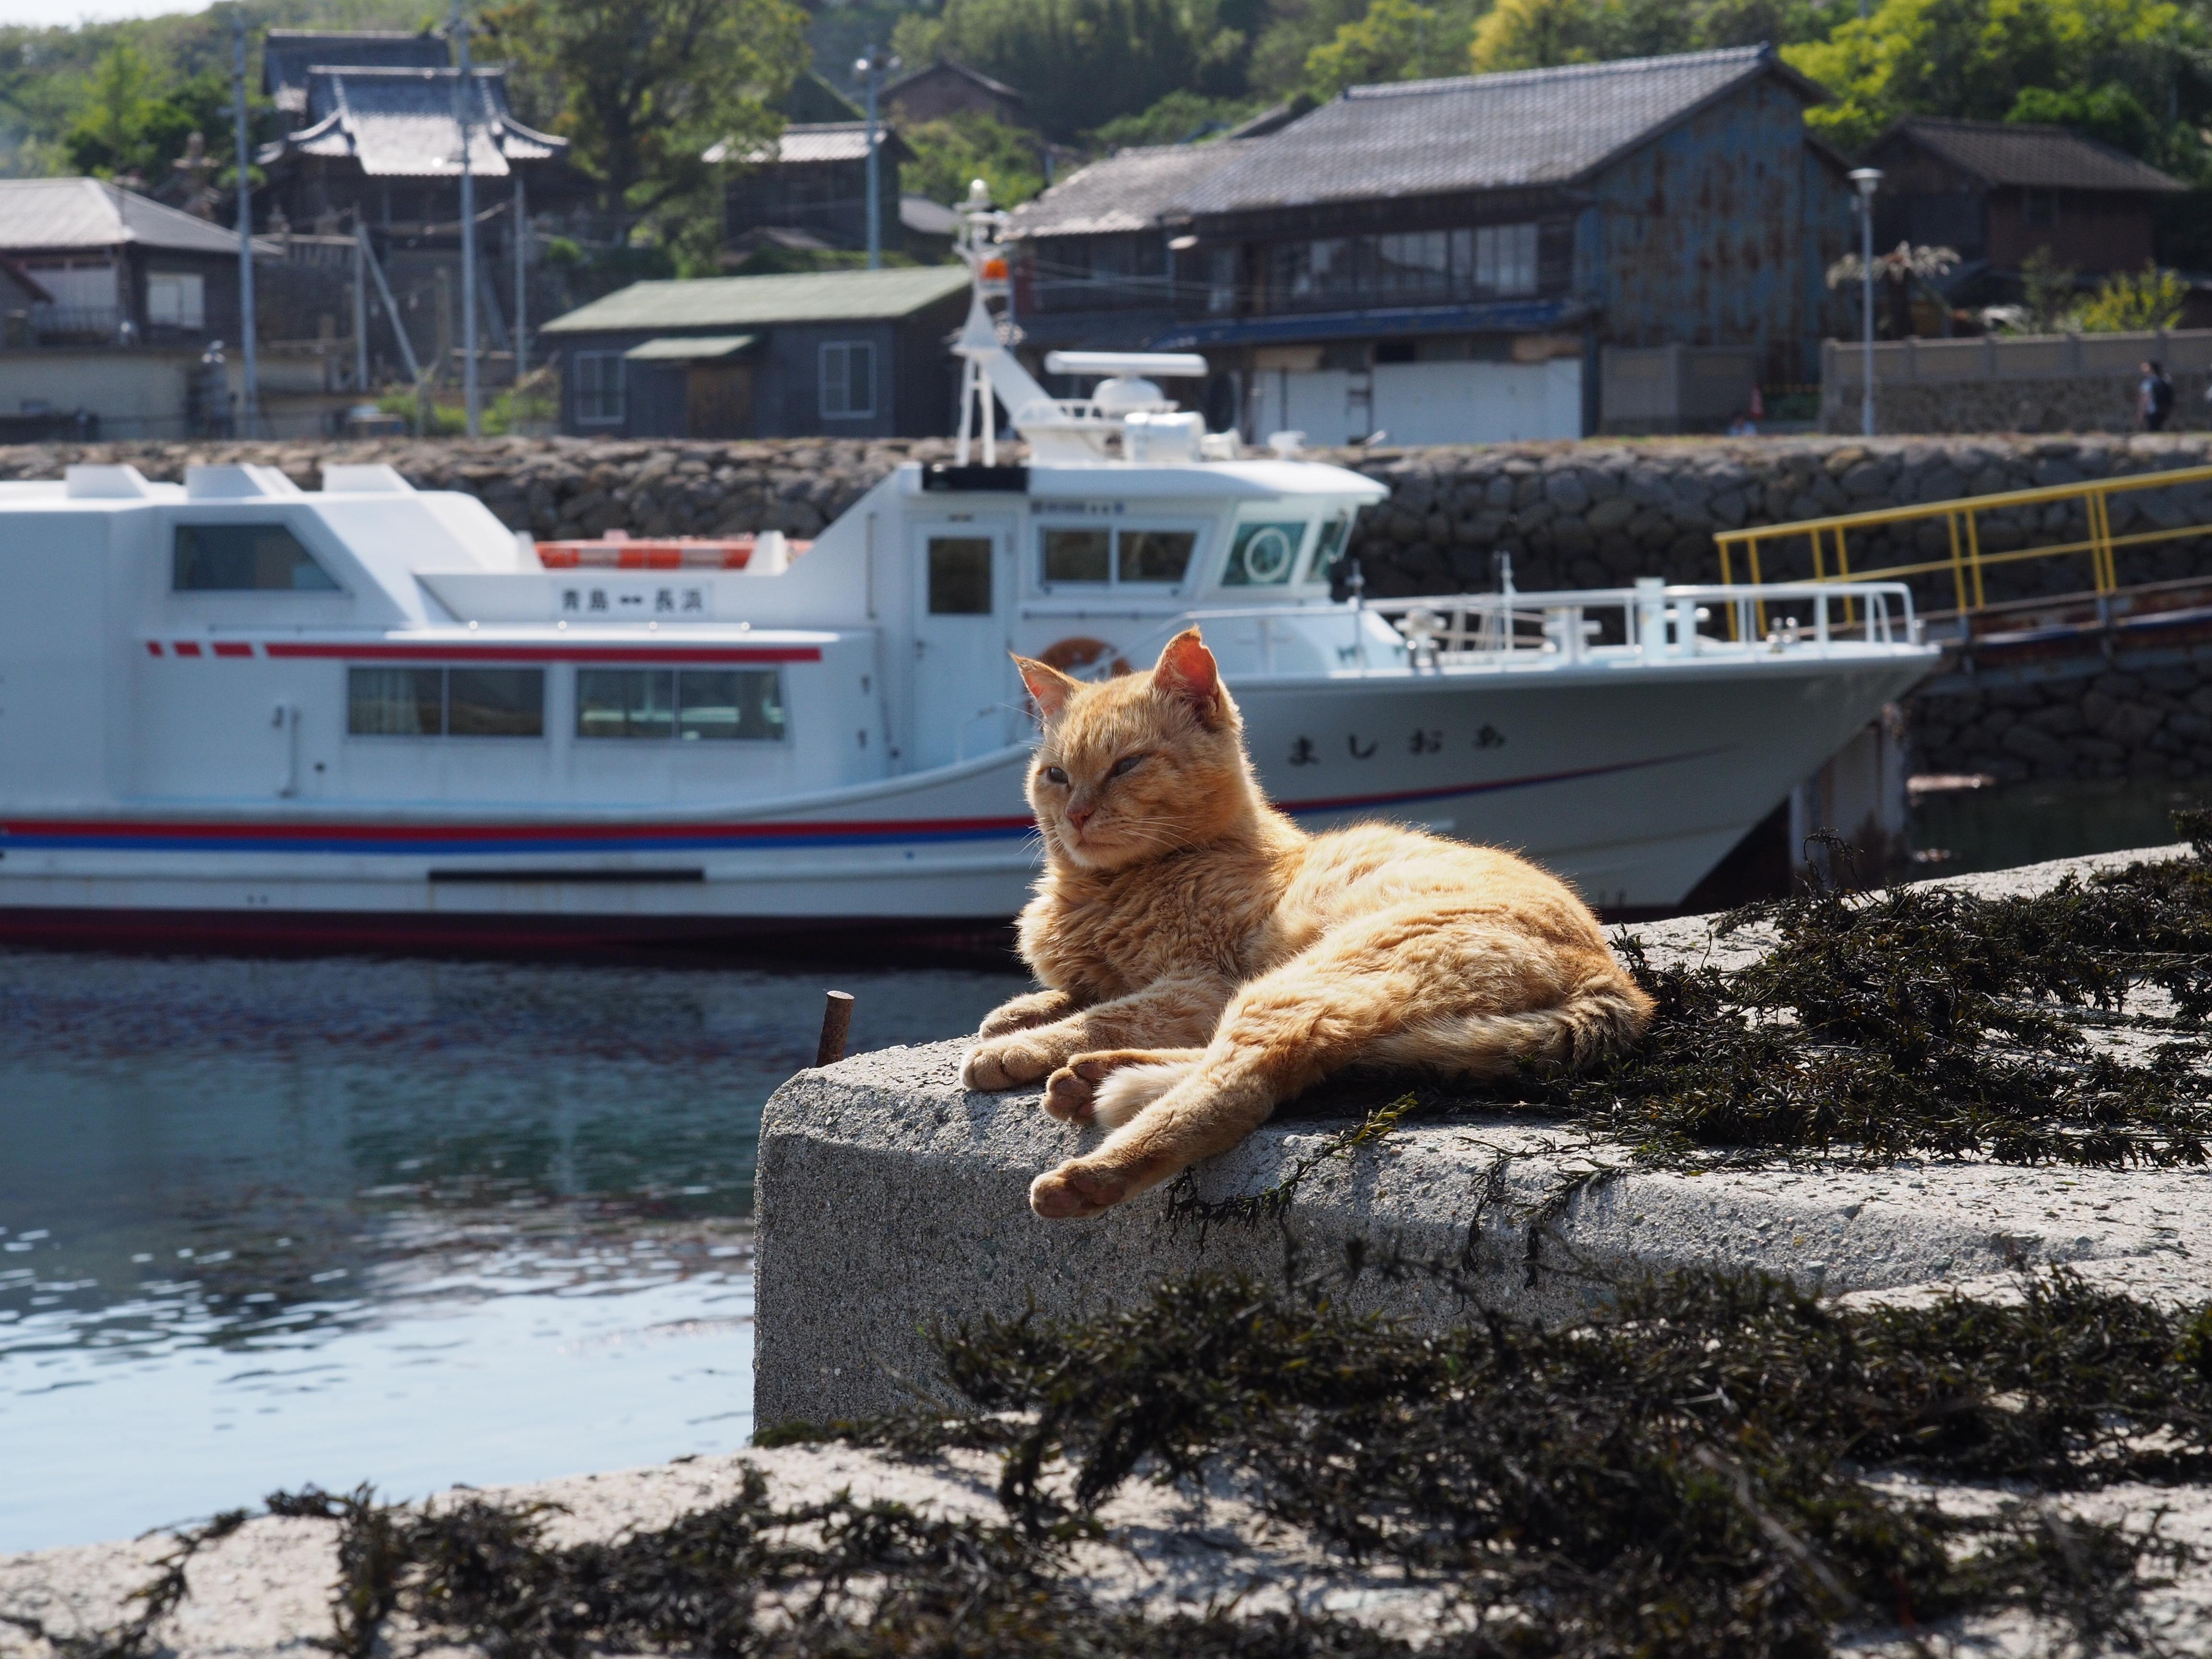 青島、猫と船